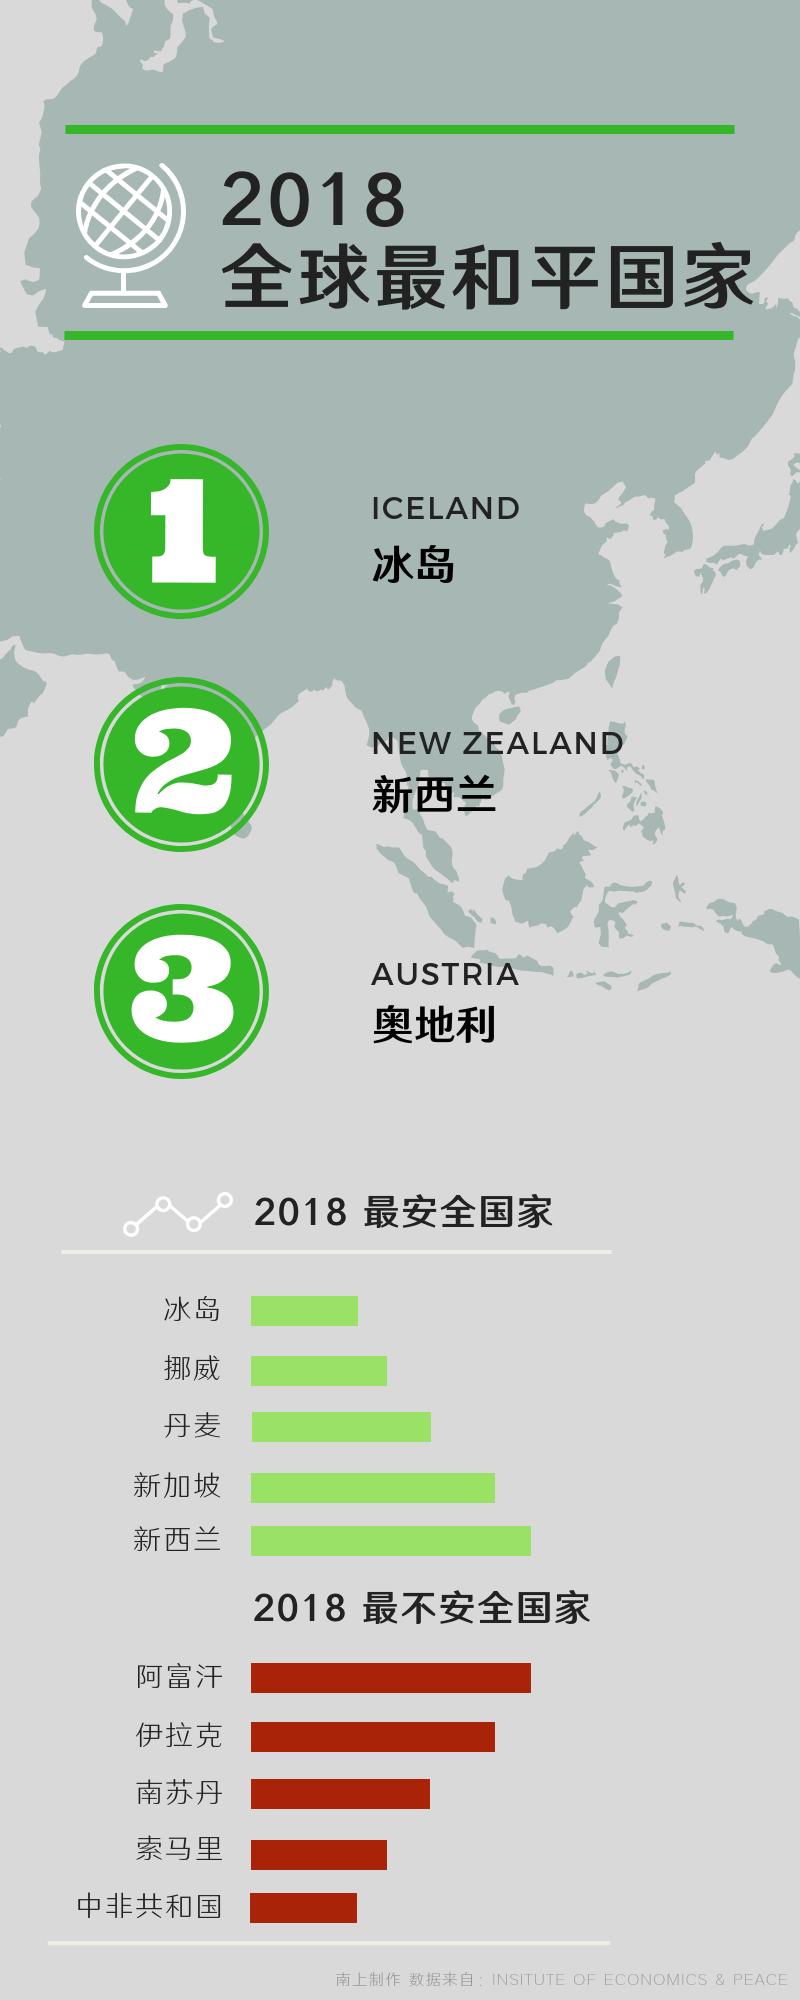 2018 全球最和平国家.png